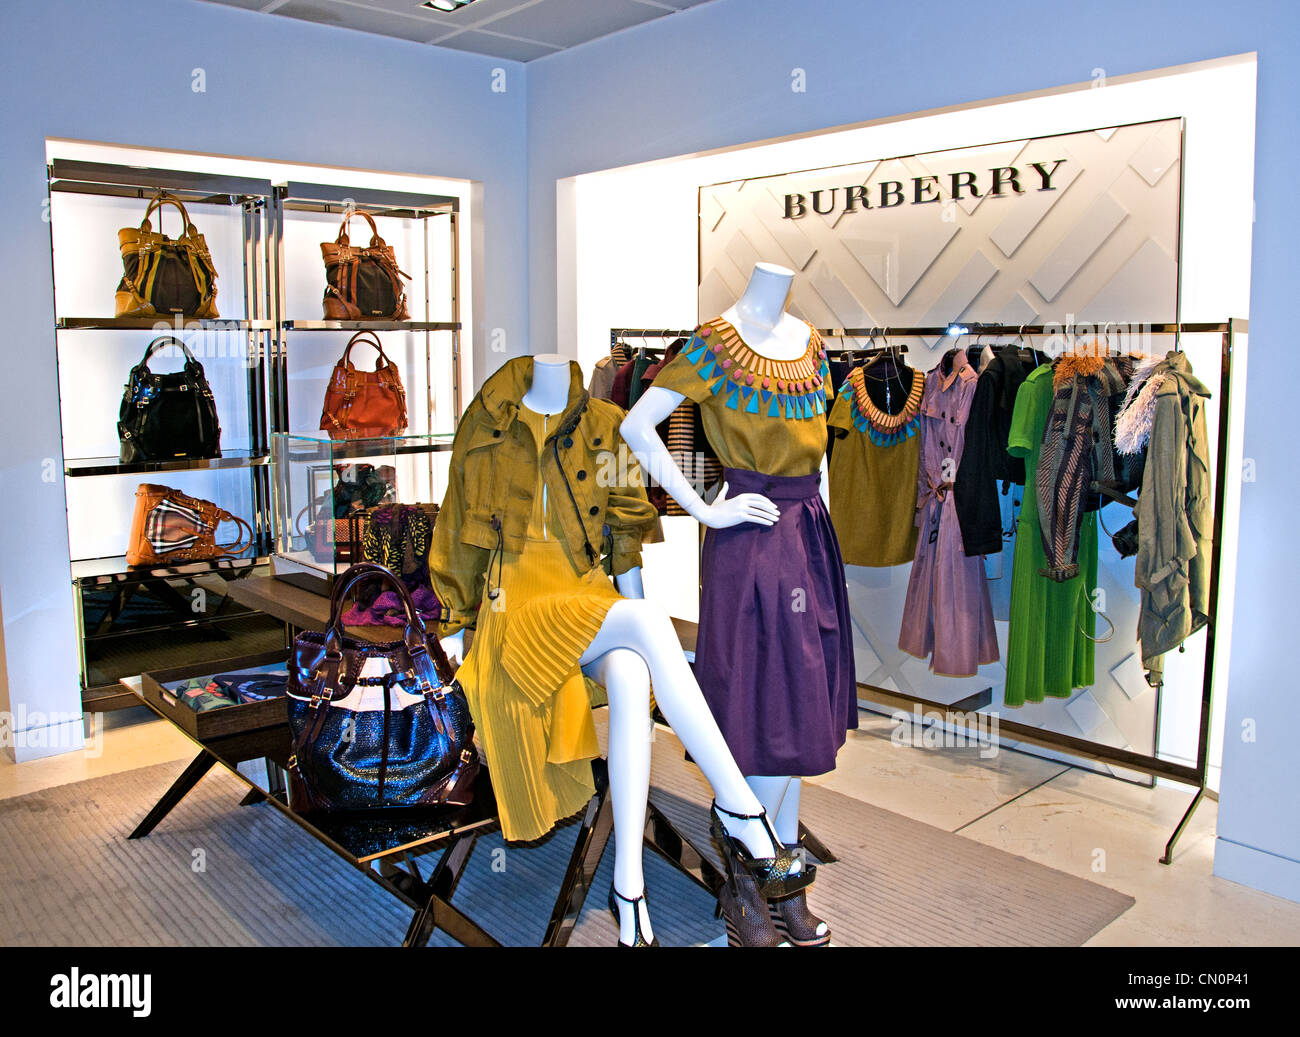 Le Bon Marché Burberry France Paris Fashion department store Photo Stock